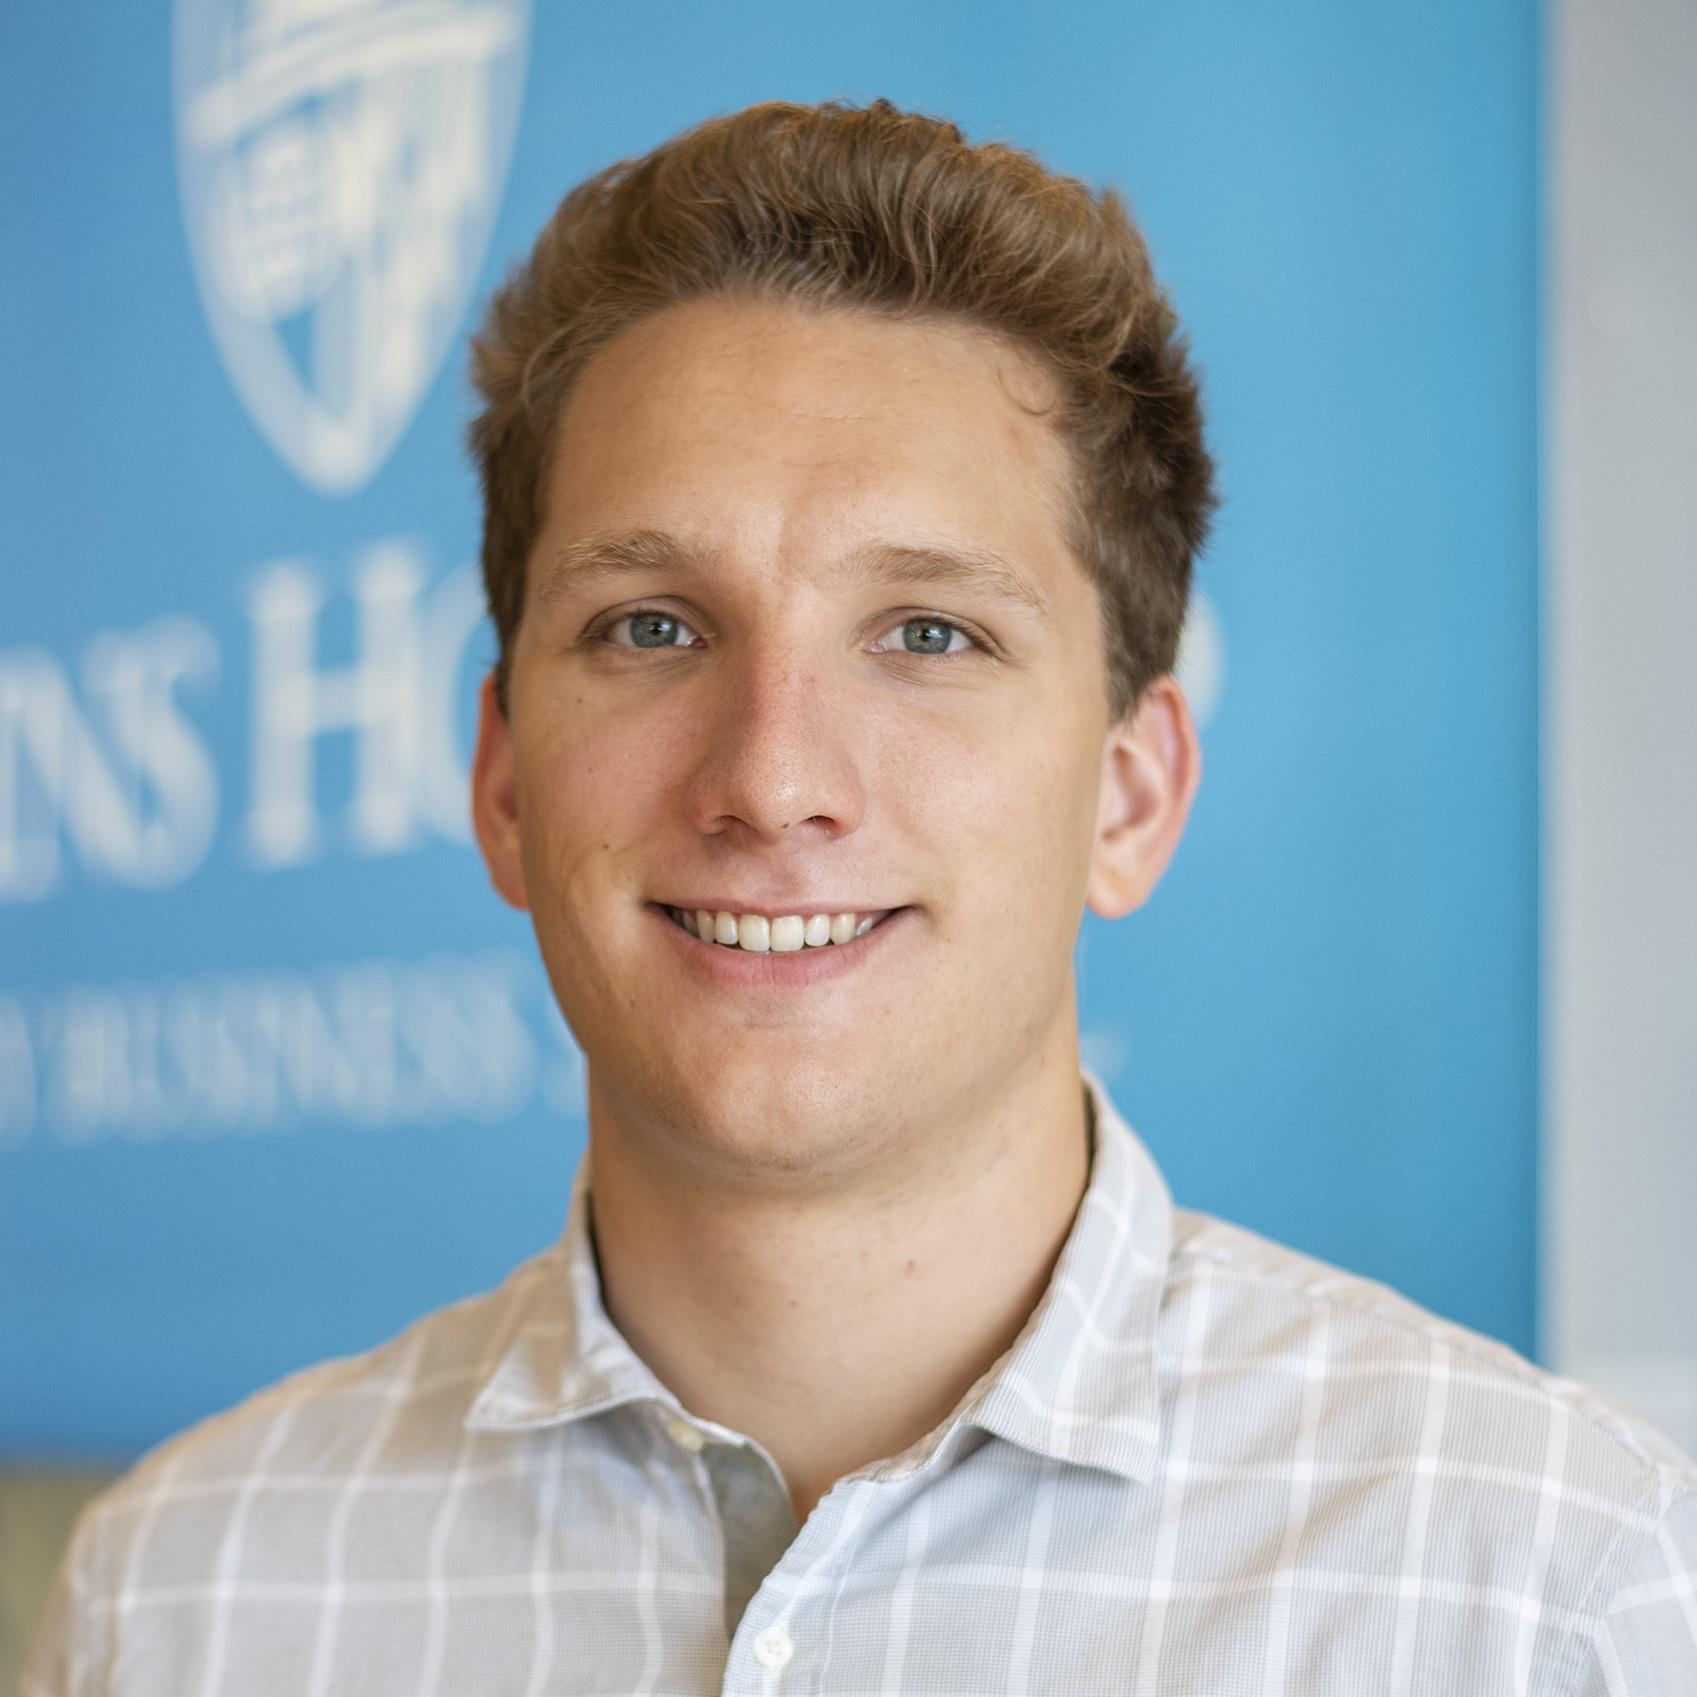 carey business school Ryan Schmucker